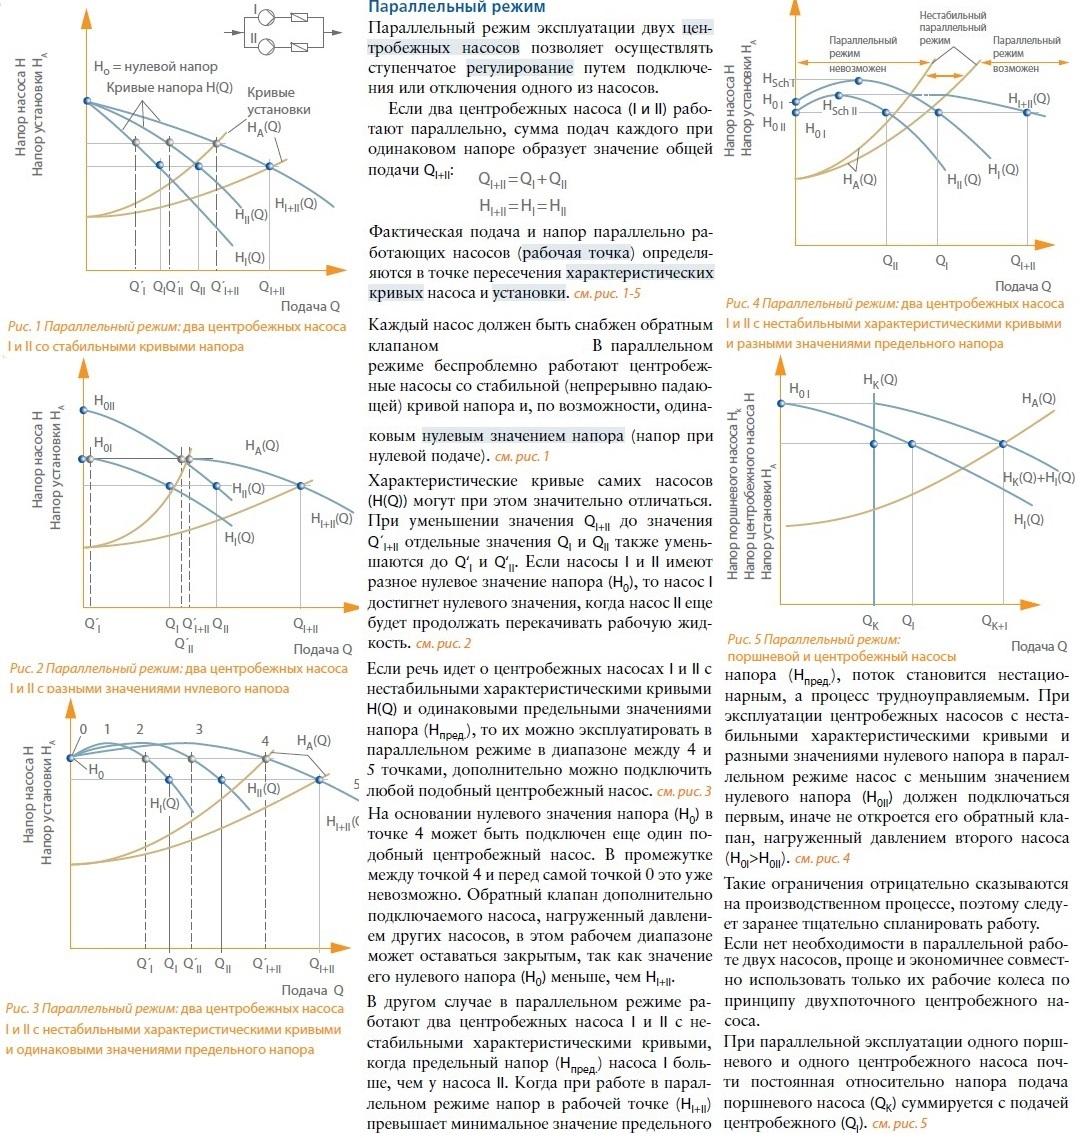 Параллельное подключение насосов для увеличения подачи (расхода) при относительно стабильном напоре (последовательное подключение - обзор ниже). Два центробежных насоса с одинаковым предельным давлением и монотонными характеристиками в параллель. Два центробежных насоса с разным значением предельного напора. Два центробежных насоса с одинаковым предельным давлением и нестабильными  характеристиками в параллель. Два центробежных насоса с различным предельным давлением и нестабильными  характеристиками в параллель. Один поршневой и один центробежный насос в параллель.